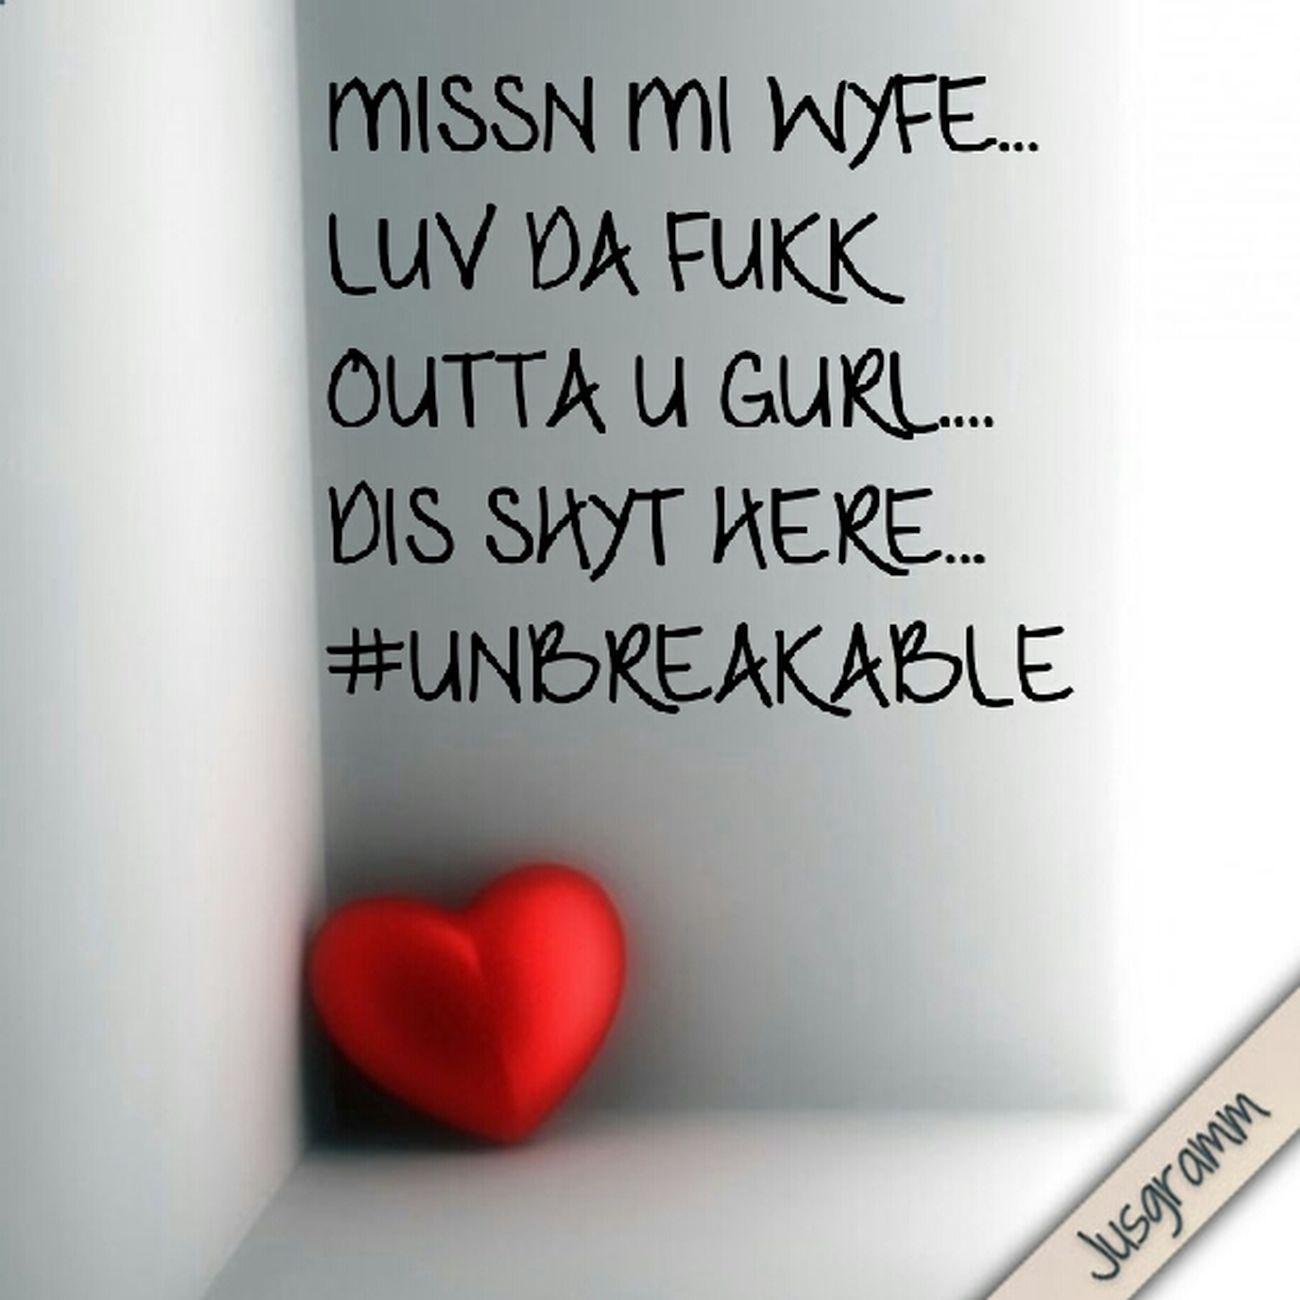 #WYFE #STUDSBAND #BESTFRIEND #LOVER #HOMIE #CONFIDANT #SOULMFMATE